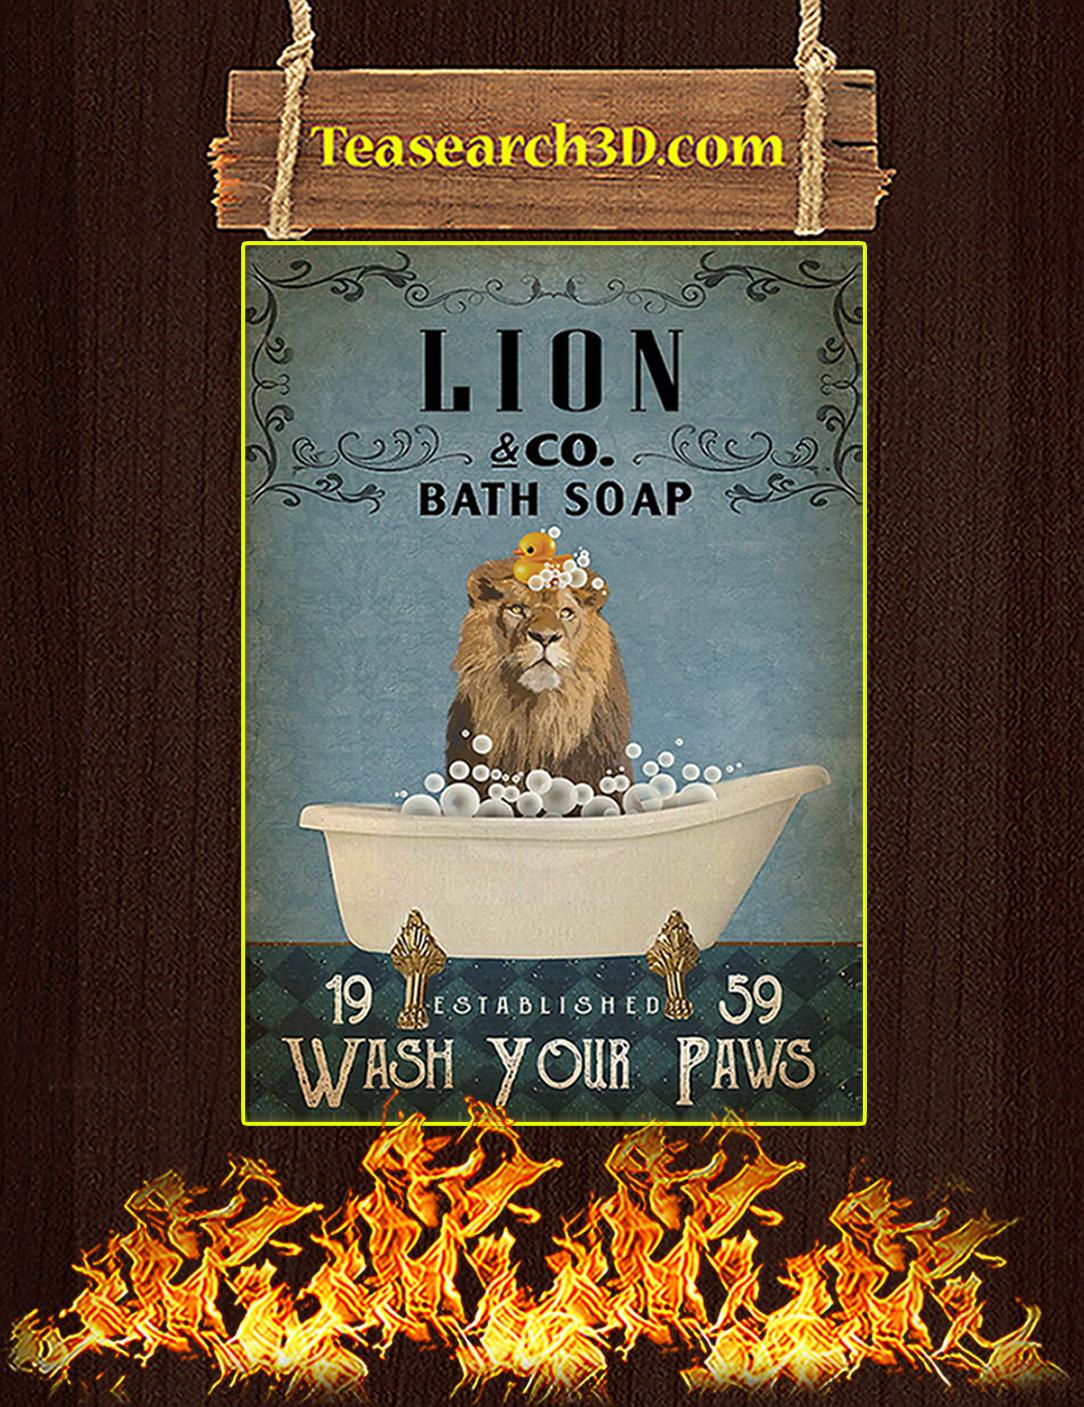 Vintage Bath Soap Lion Poster A2